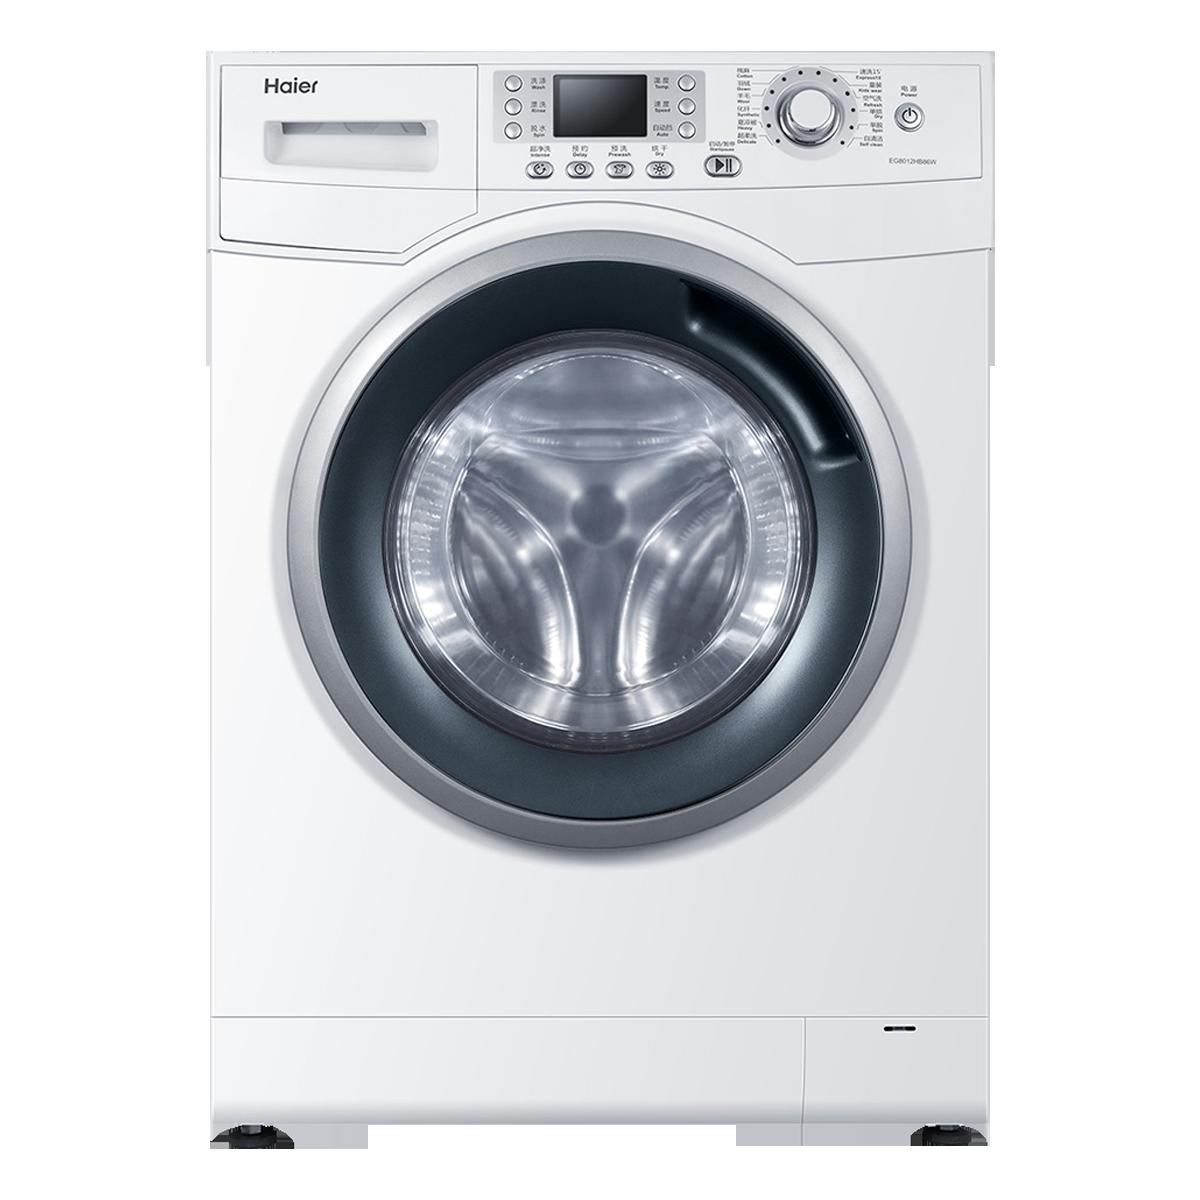 海尔Haier洗衣机 EG8012HB86W 说明书